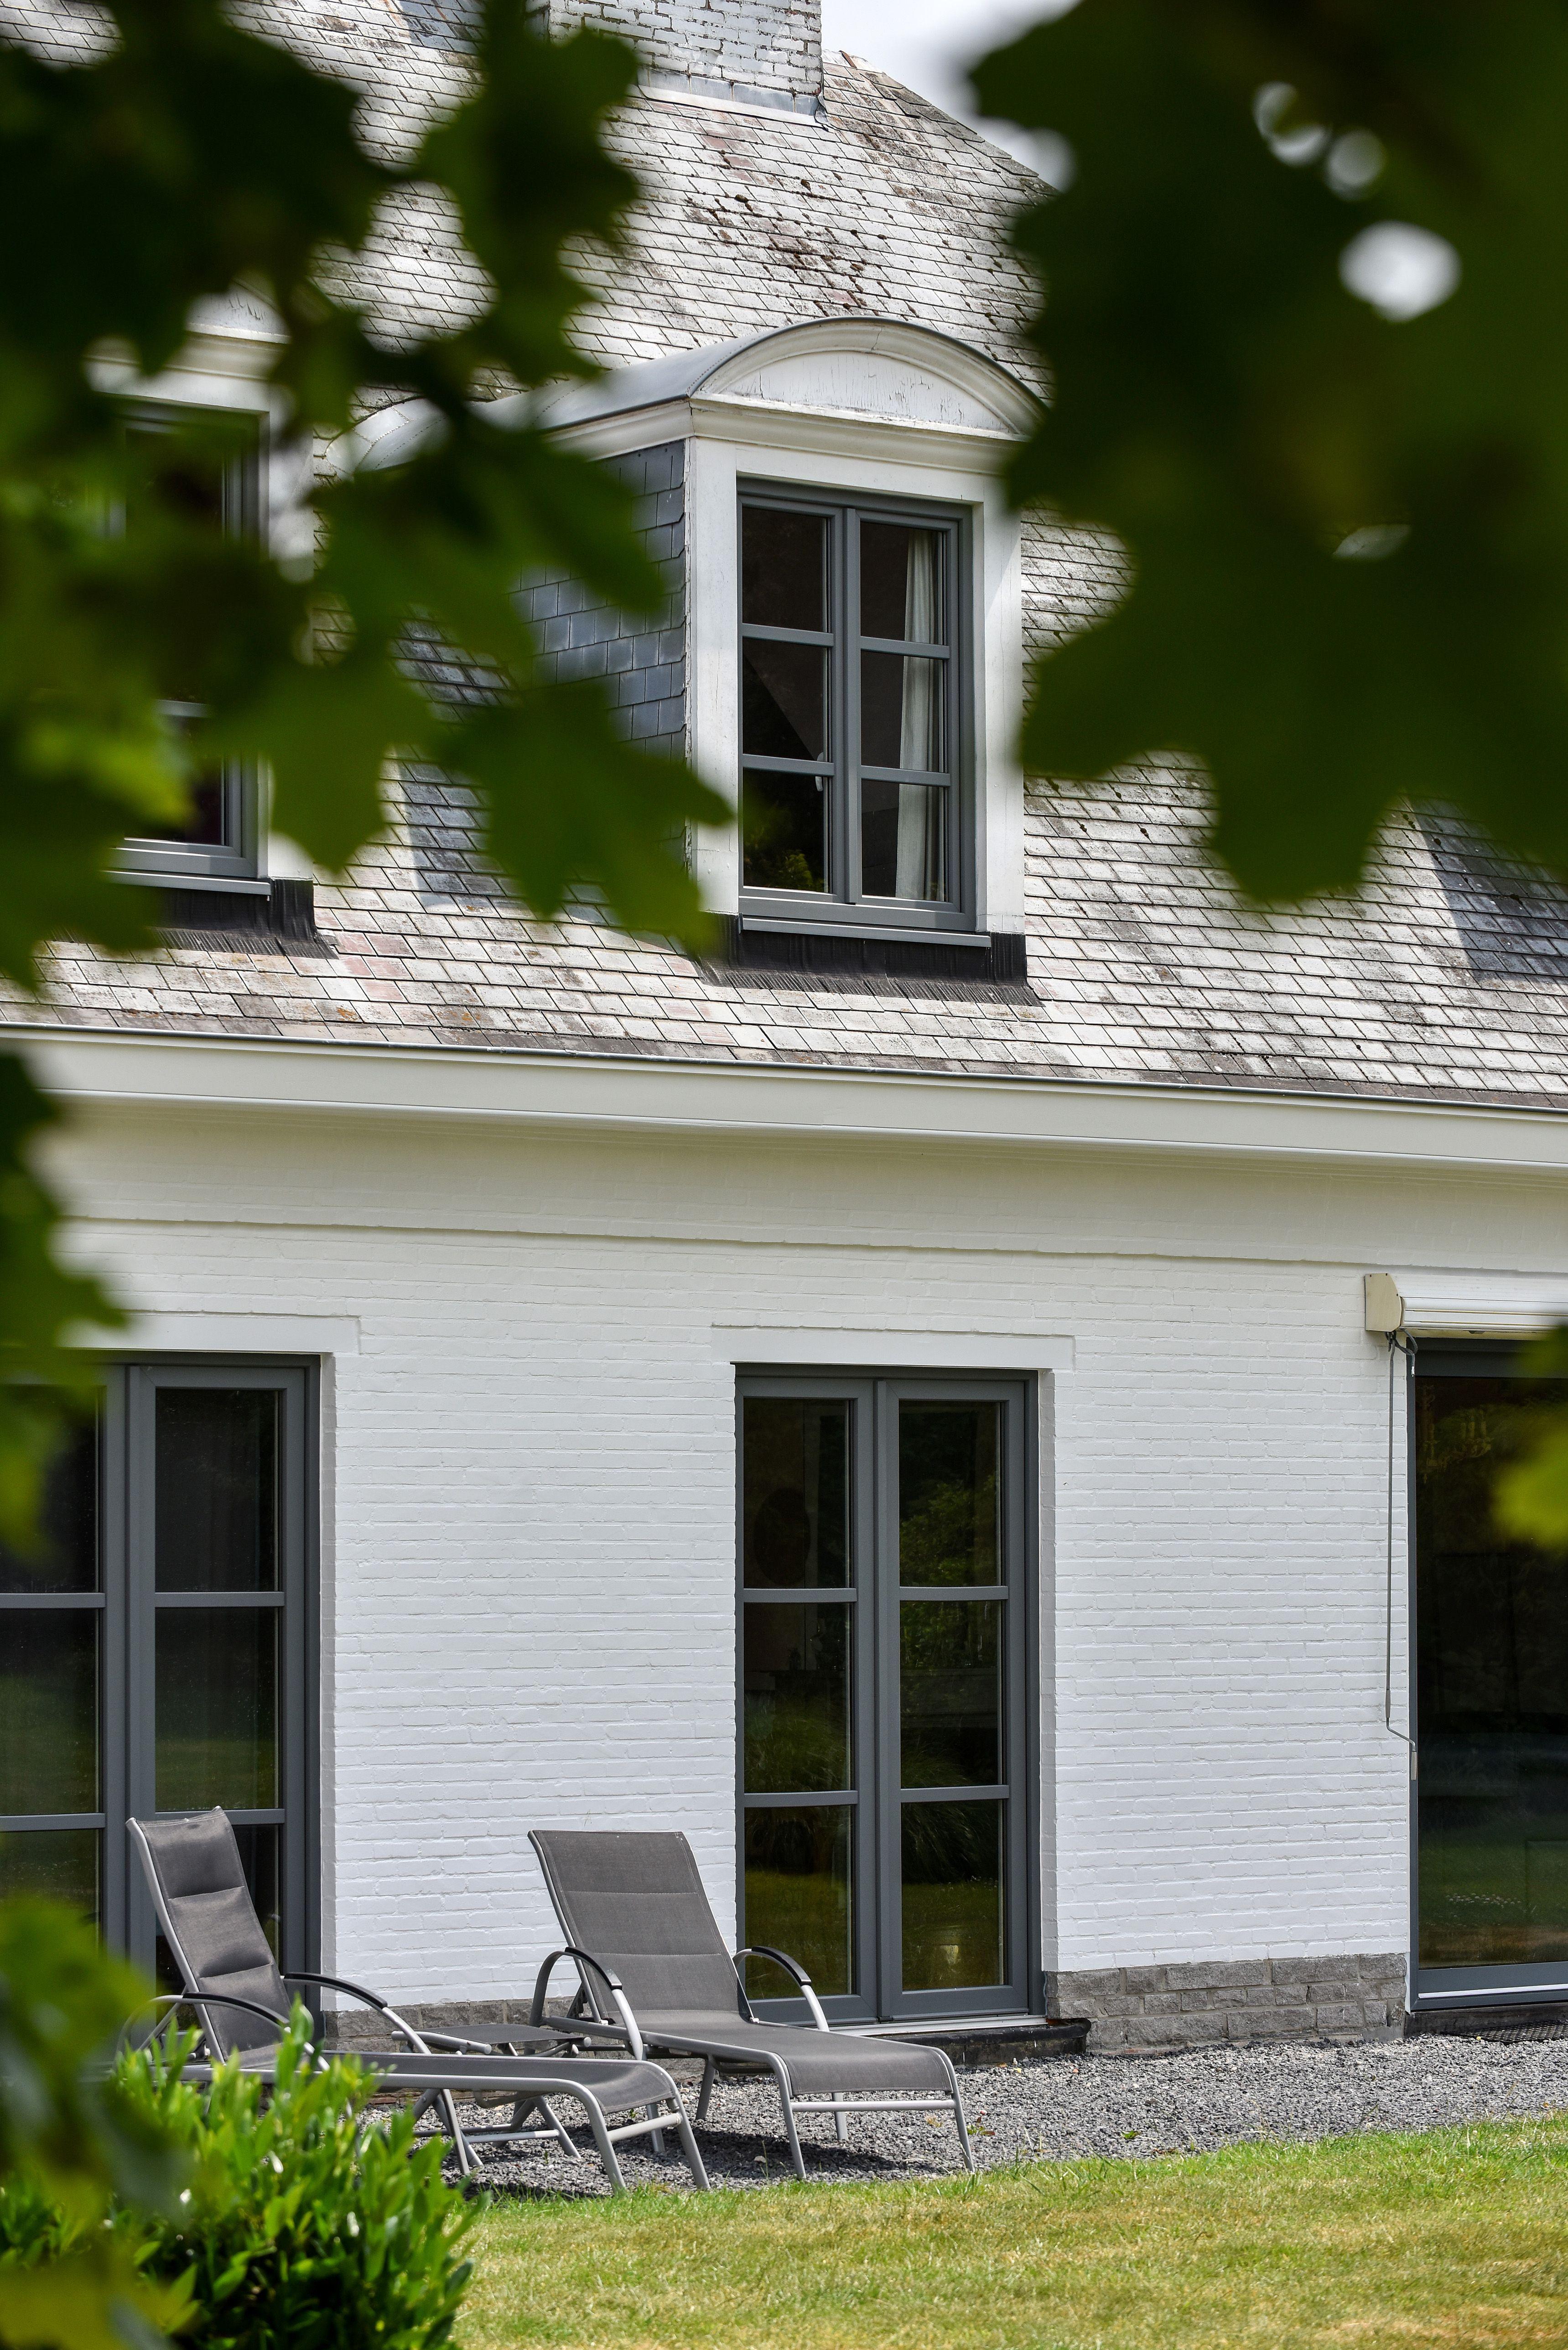 Realisation Pierret Des Fenetres A Croisillons Tout En Simplicite Fenetre Porte Fenetre Interieur Maison Design